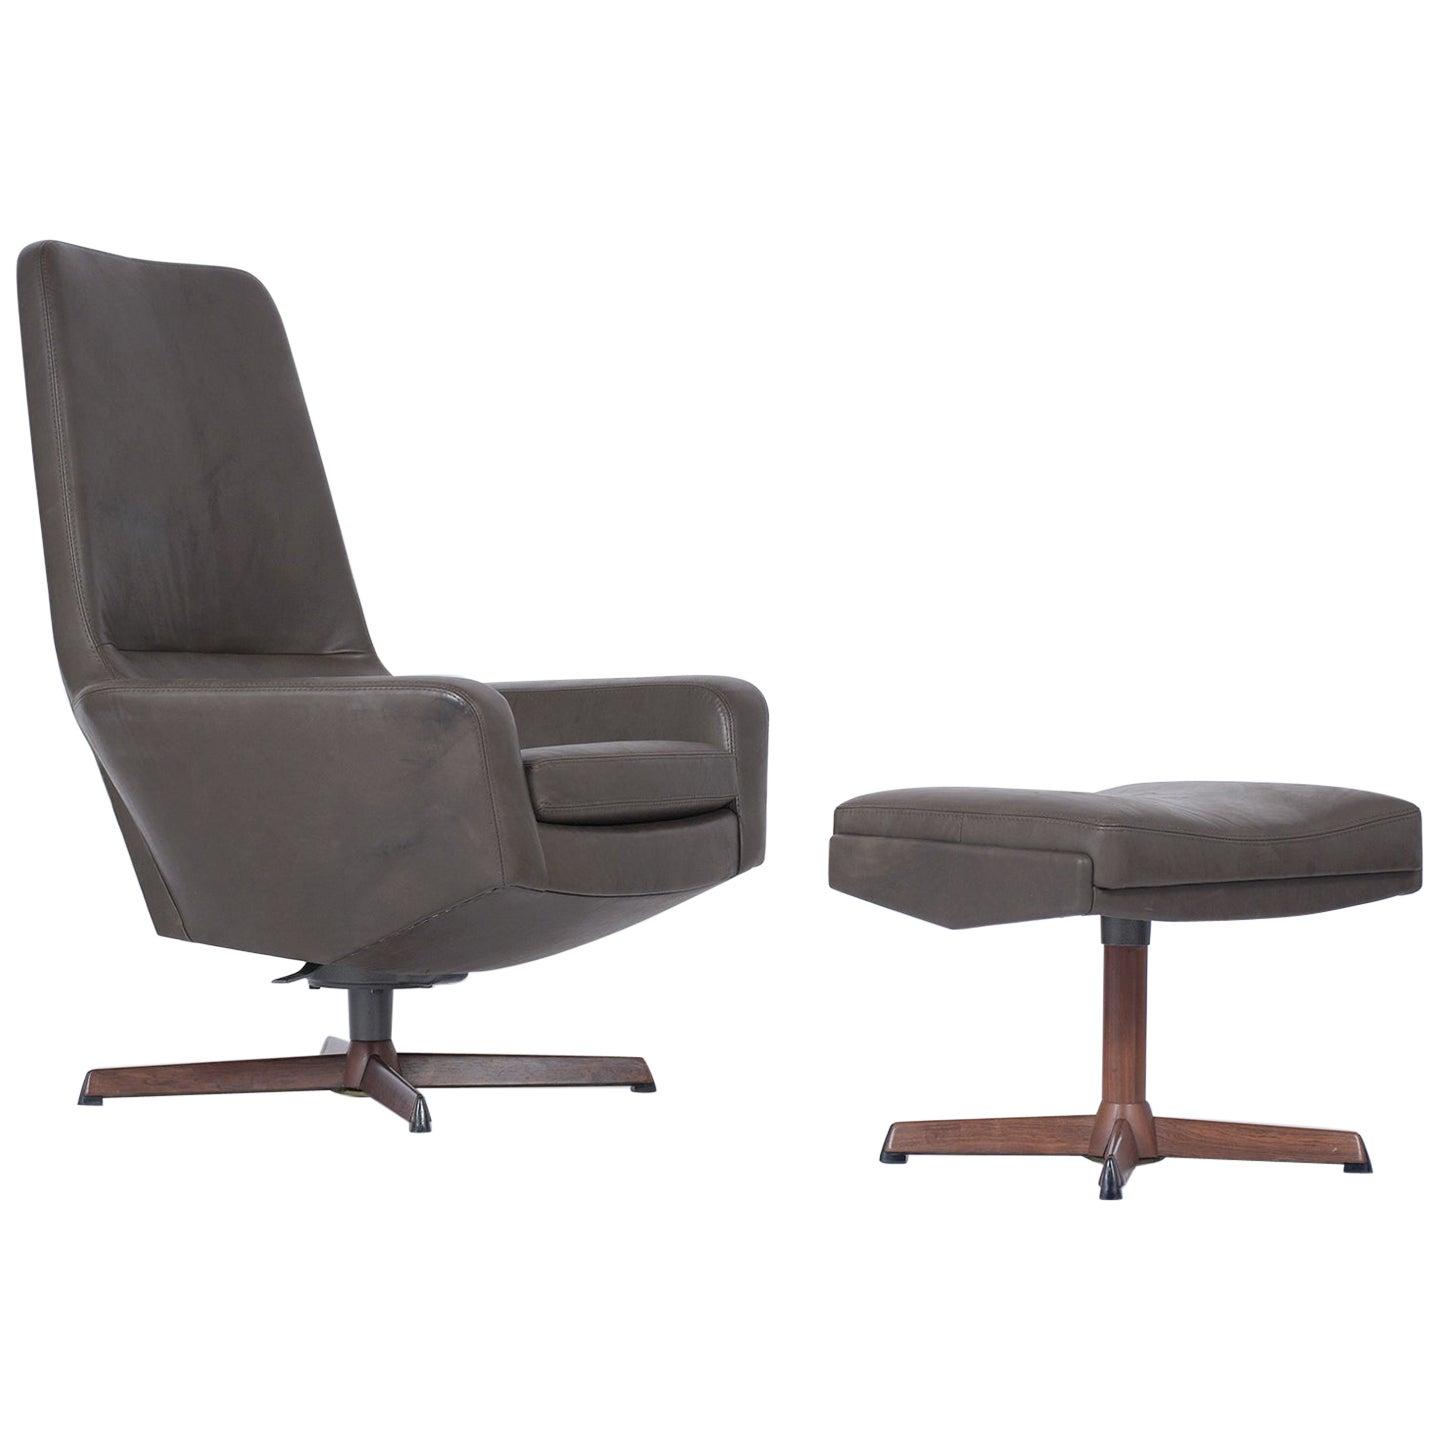 Kofod Larsen Lounge Chair and Ottoman